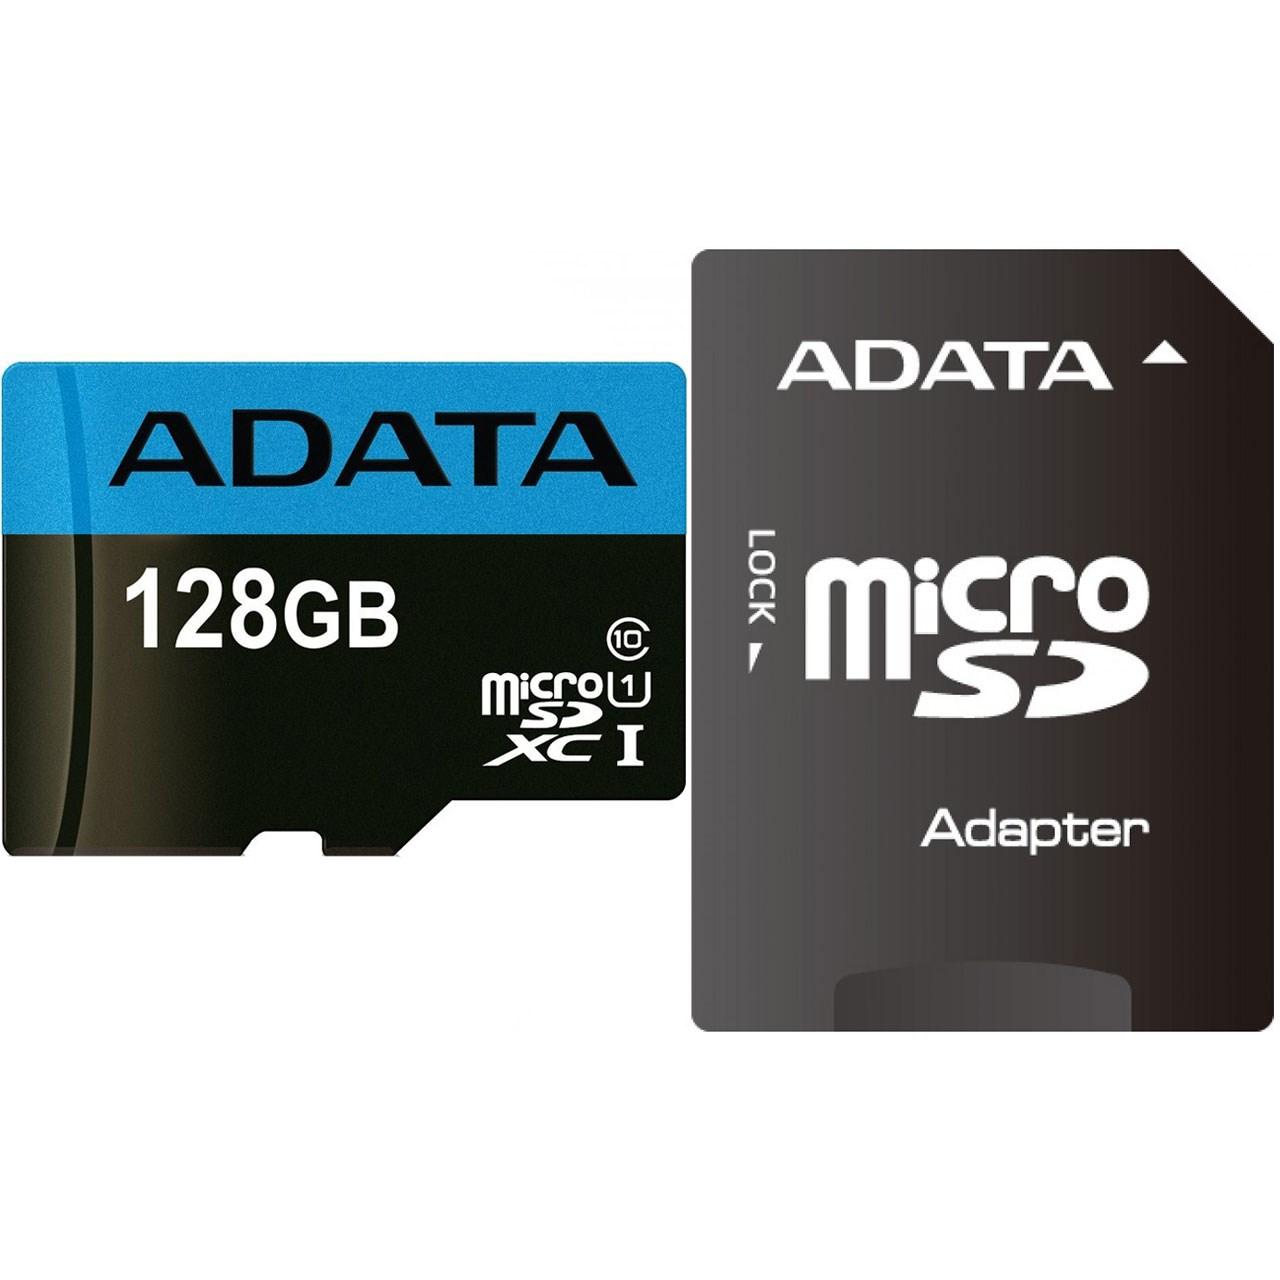 کارت حافظه microSDXC ای دیتا مدل Premier کلاس 10 استاندارد UHS-I U1 سرعت 85MBps همراه با آداپتور SD ظرفیت 128 گیگابایت